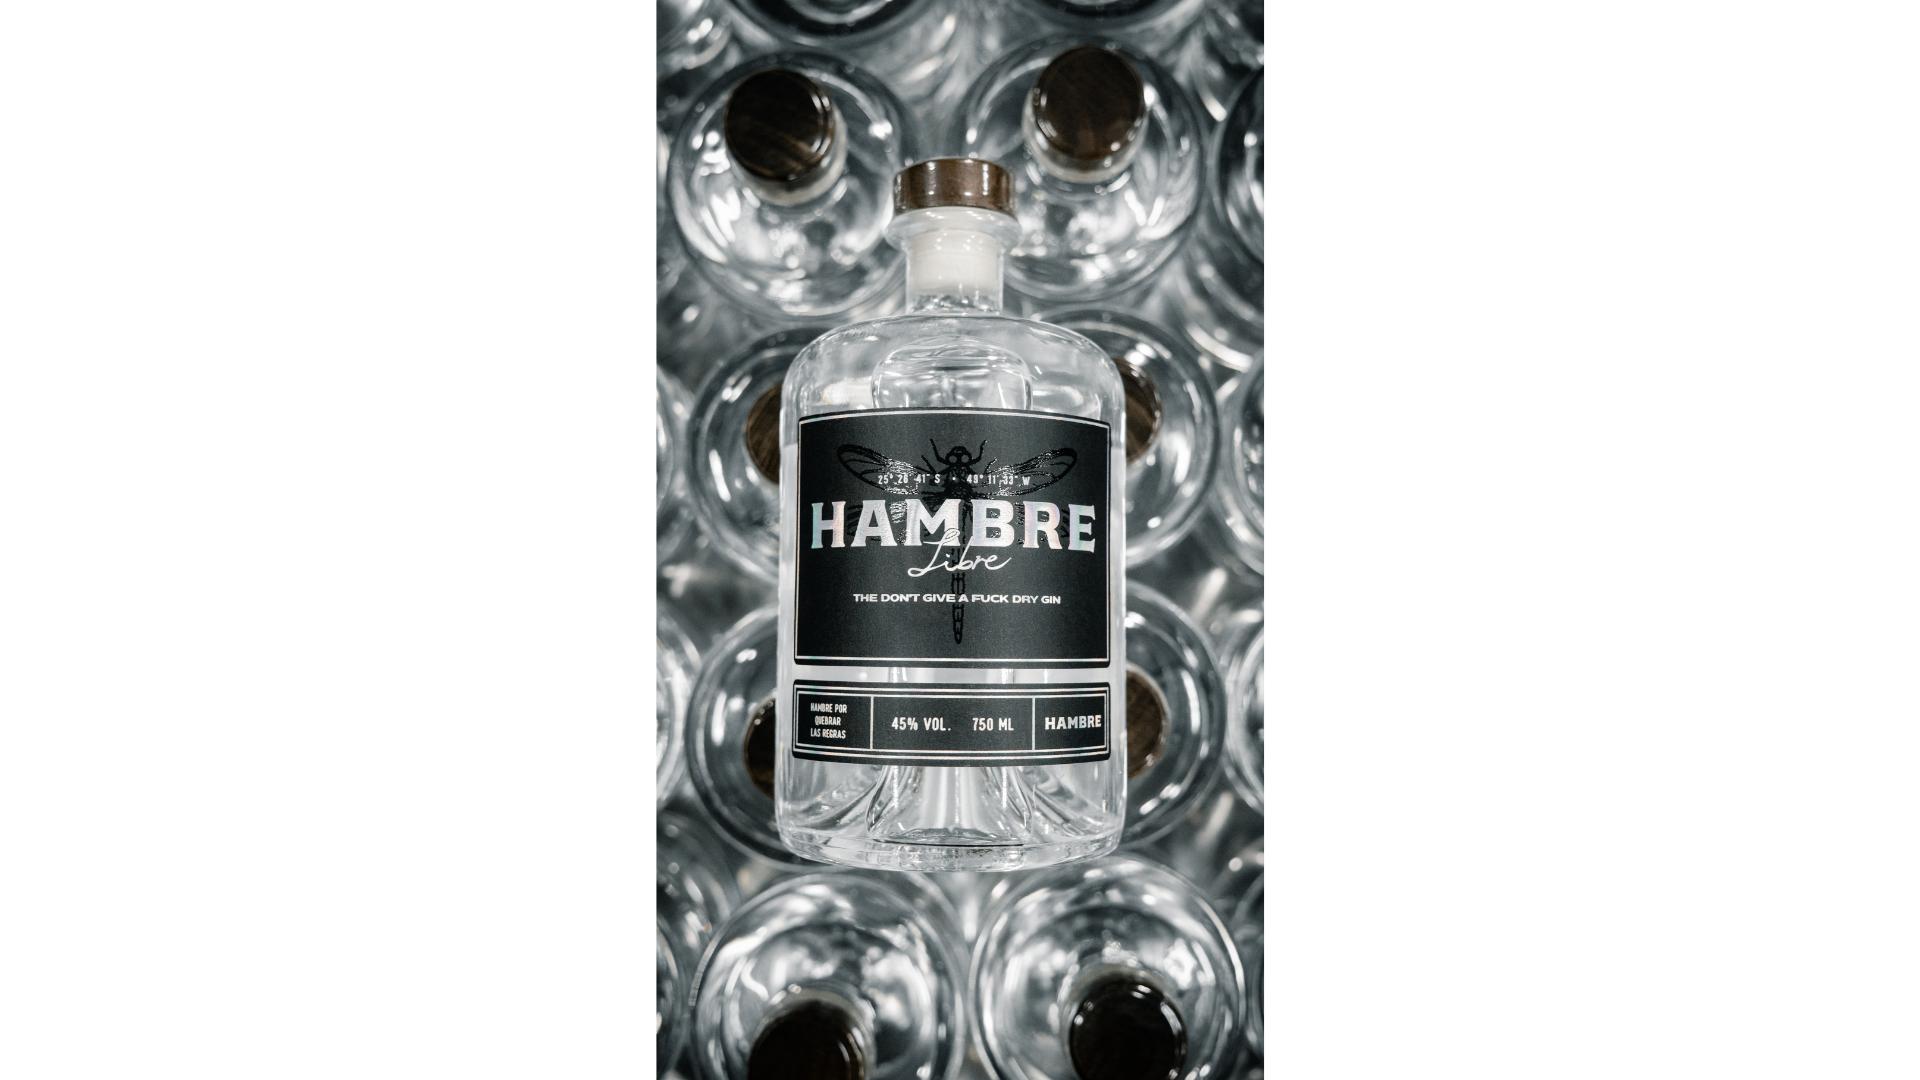 Hambre Gin